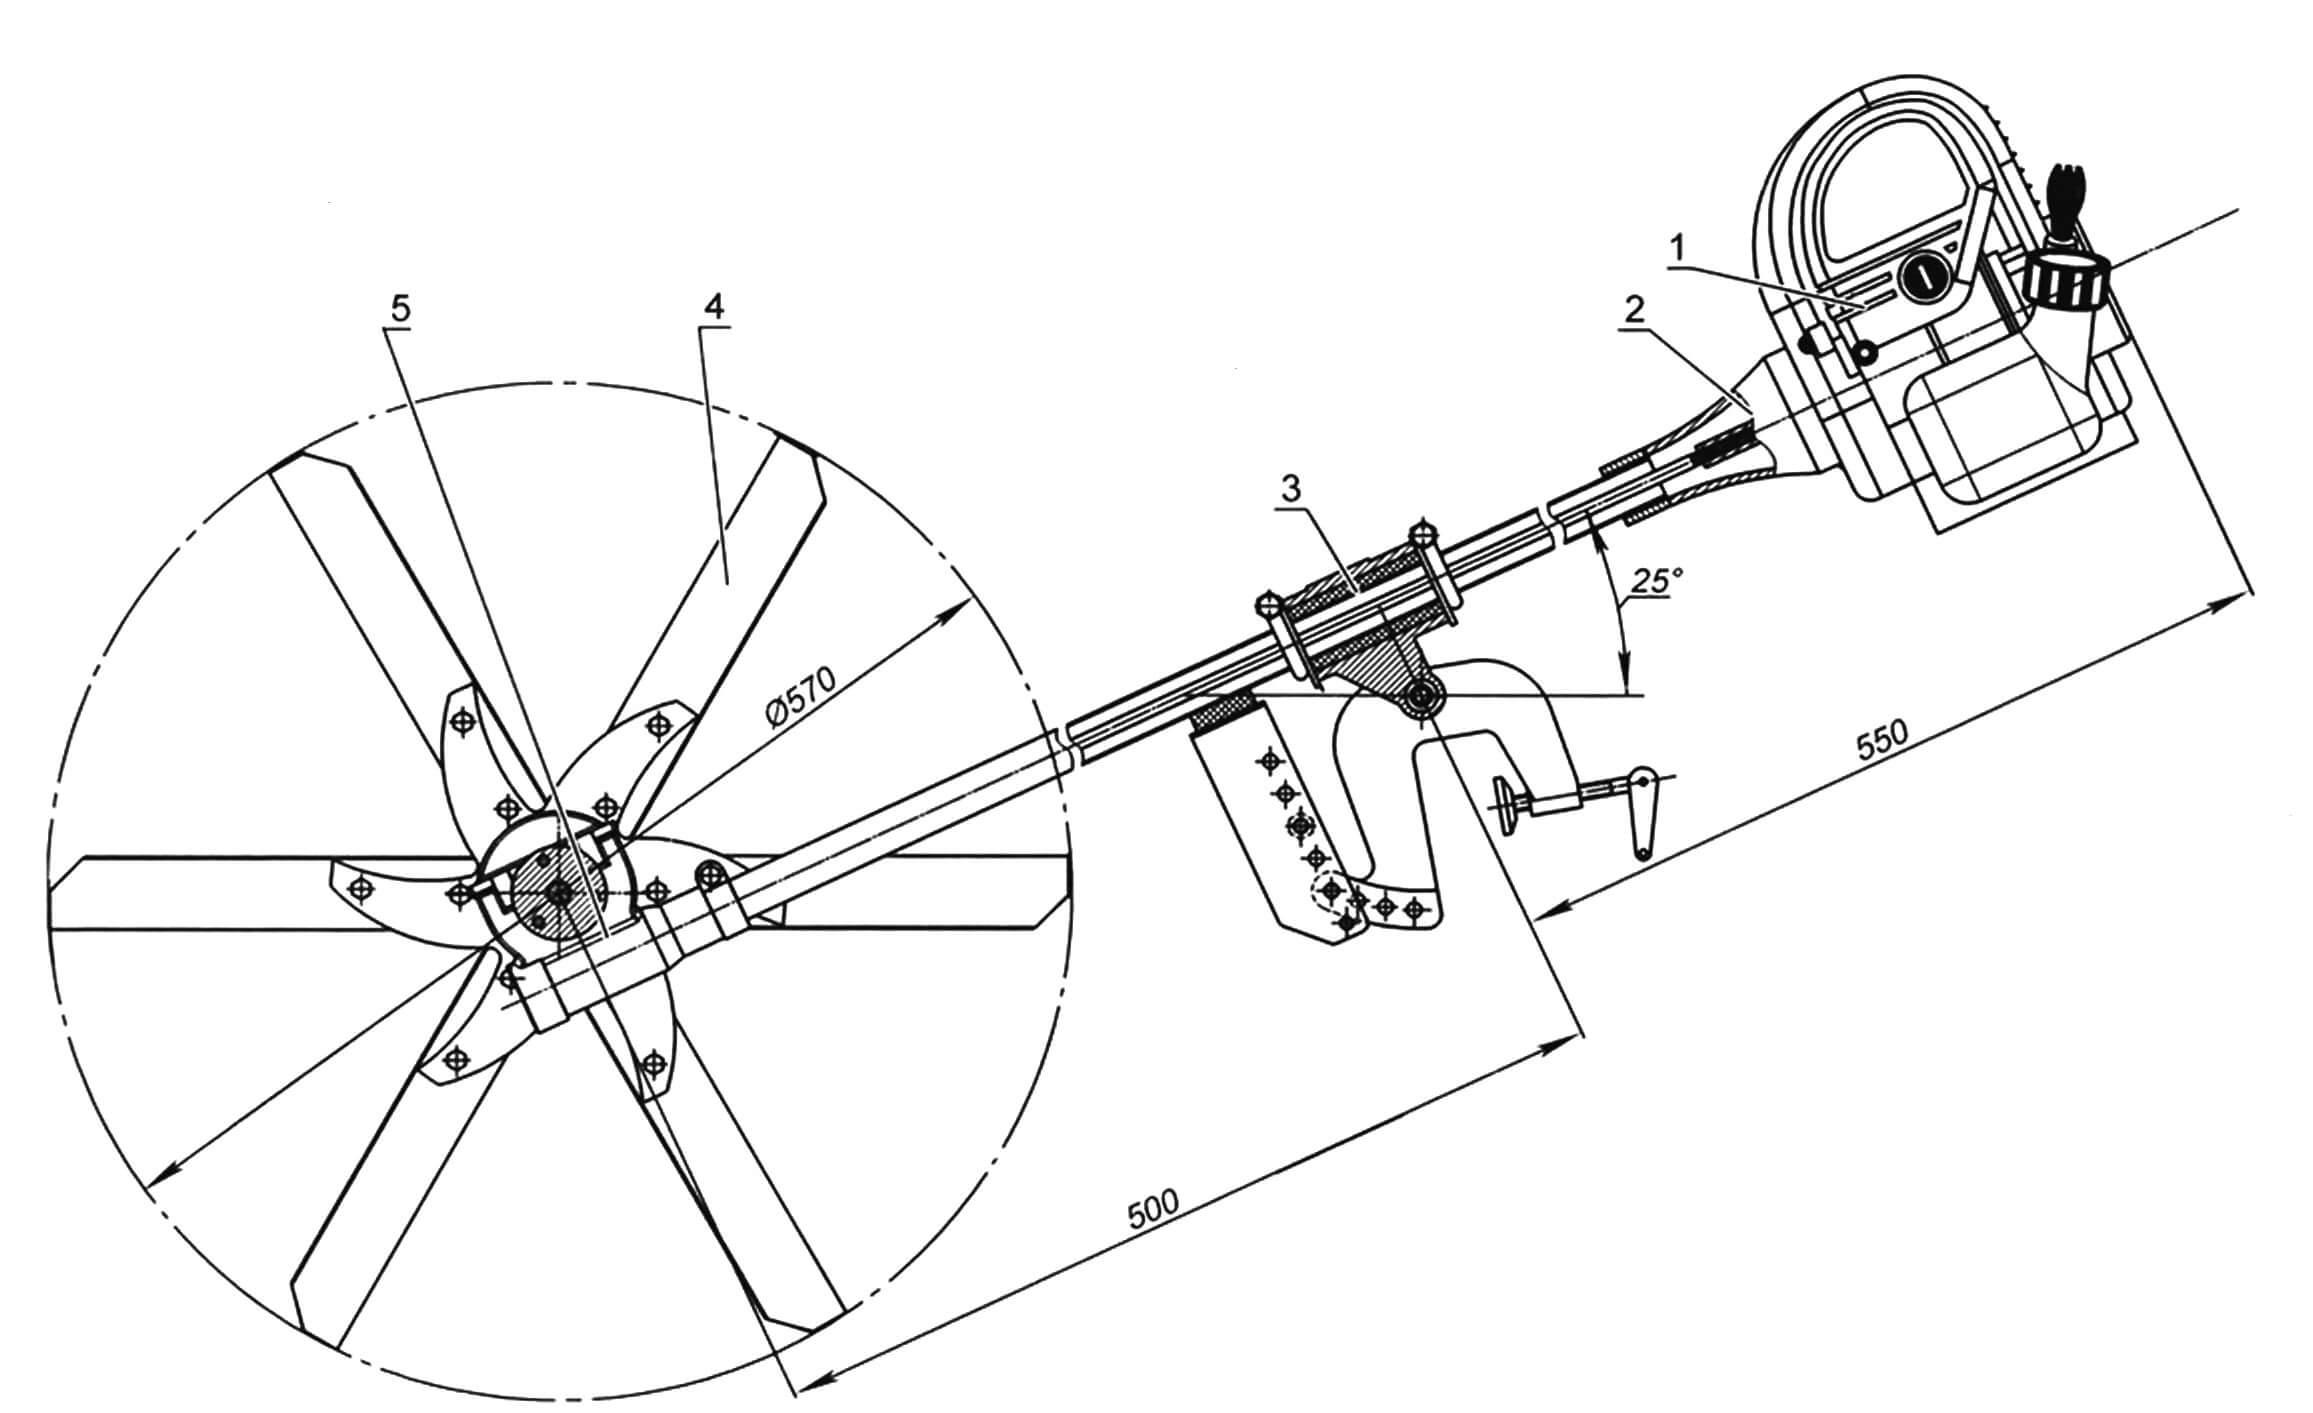 Конструкция подвесного лодочното мотора с кормовыми гребными колесами (ограждение колес и рукоятка управления не показаны)